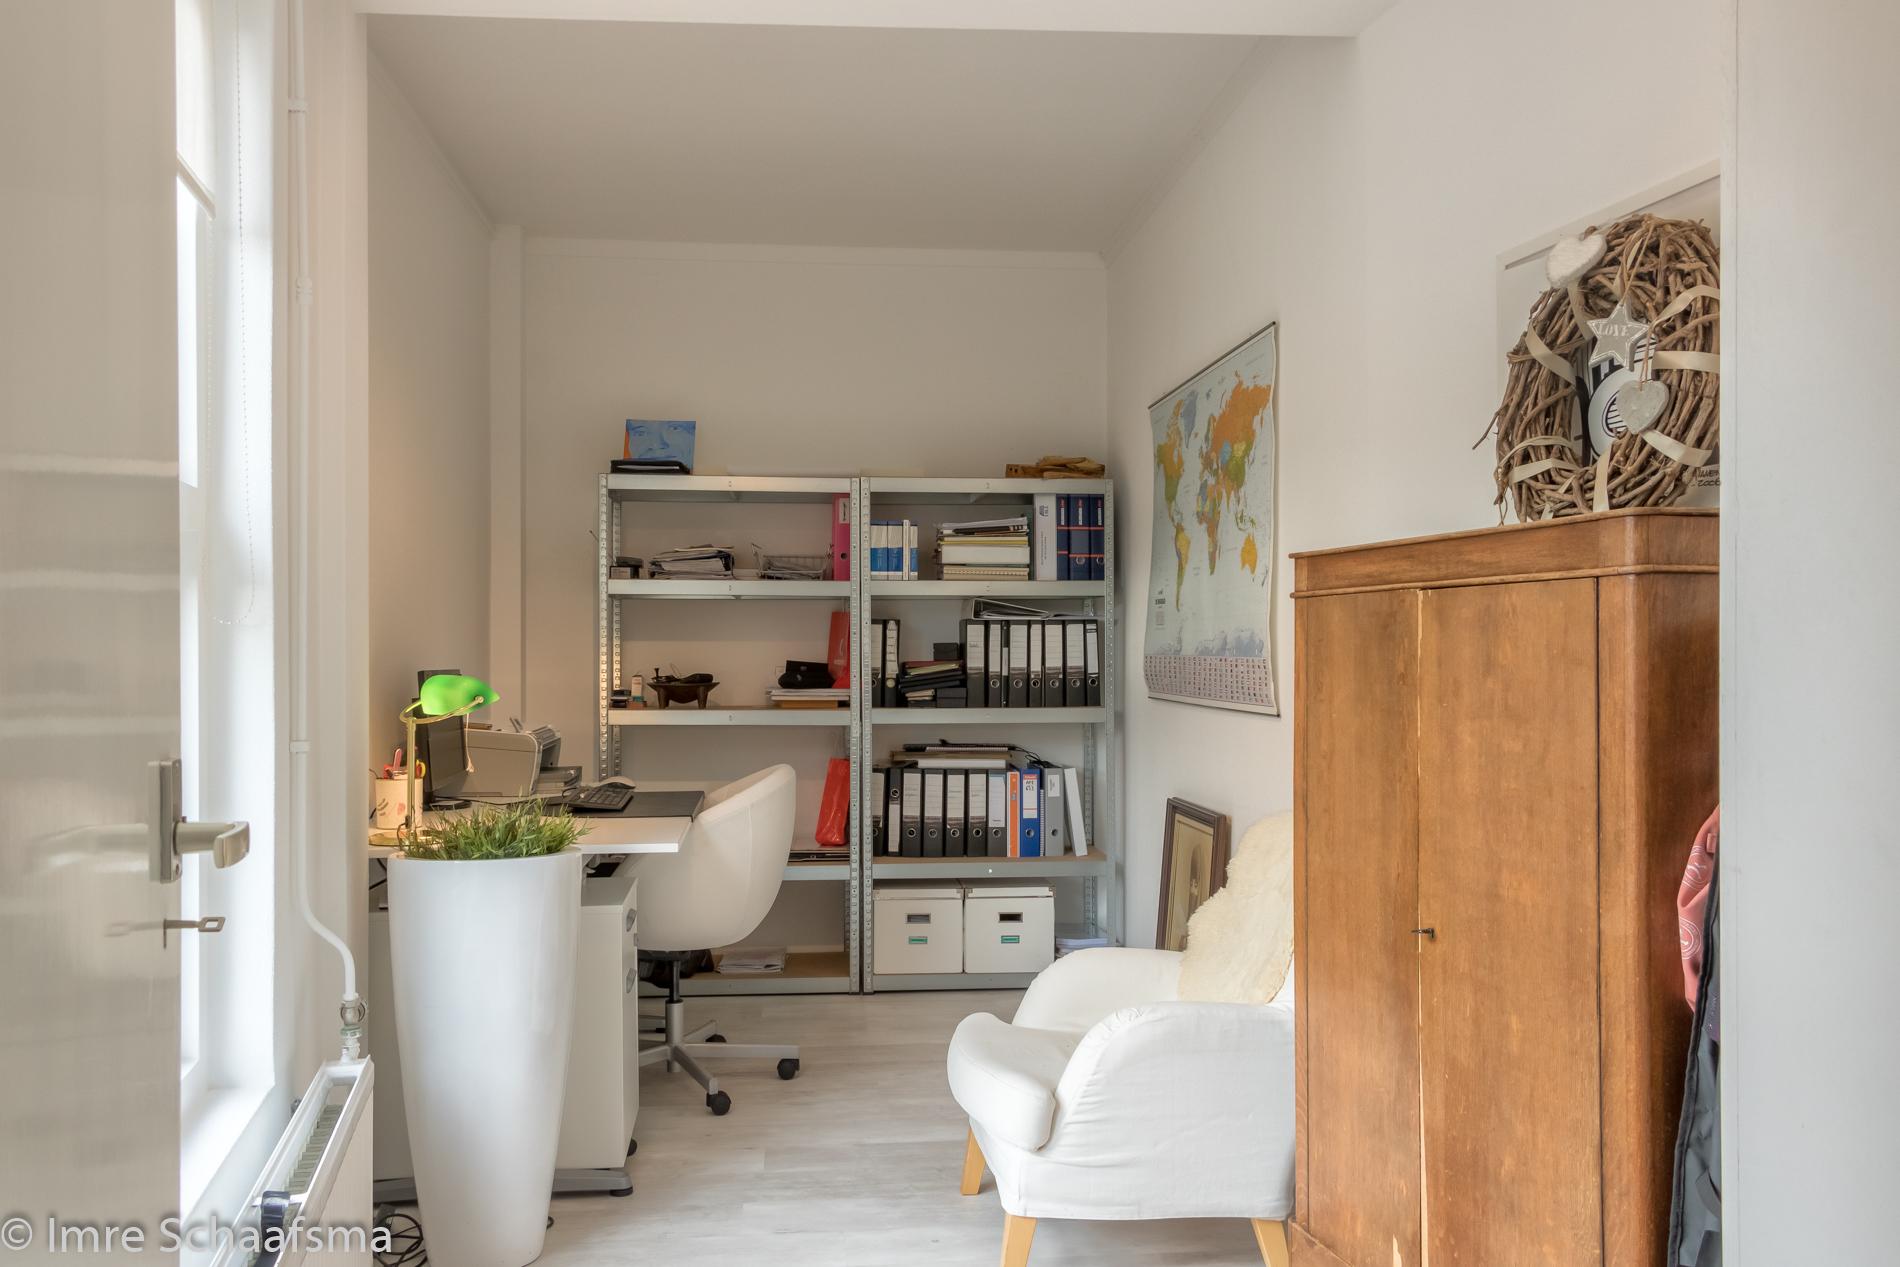 kantoor/slaapkamer lange achterweg 30